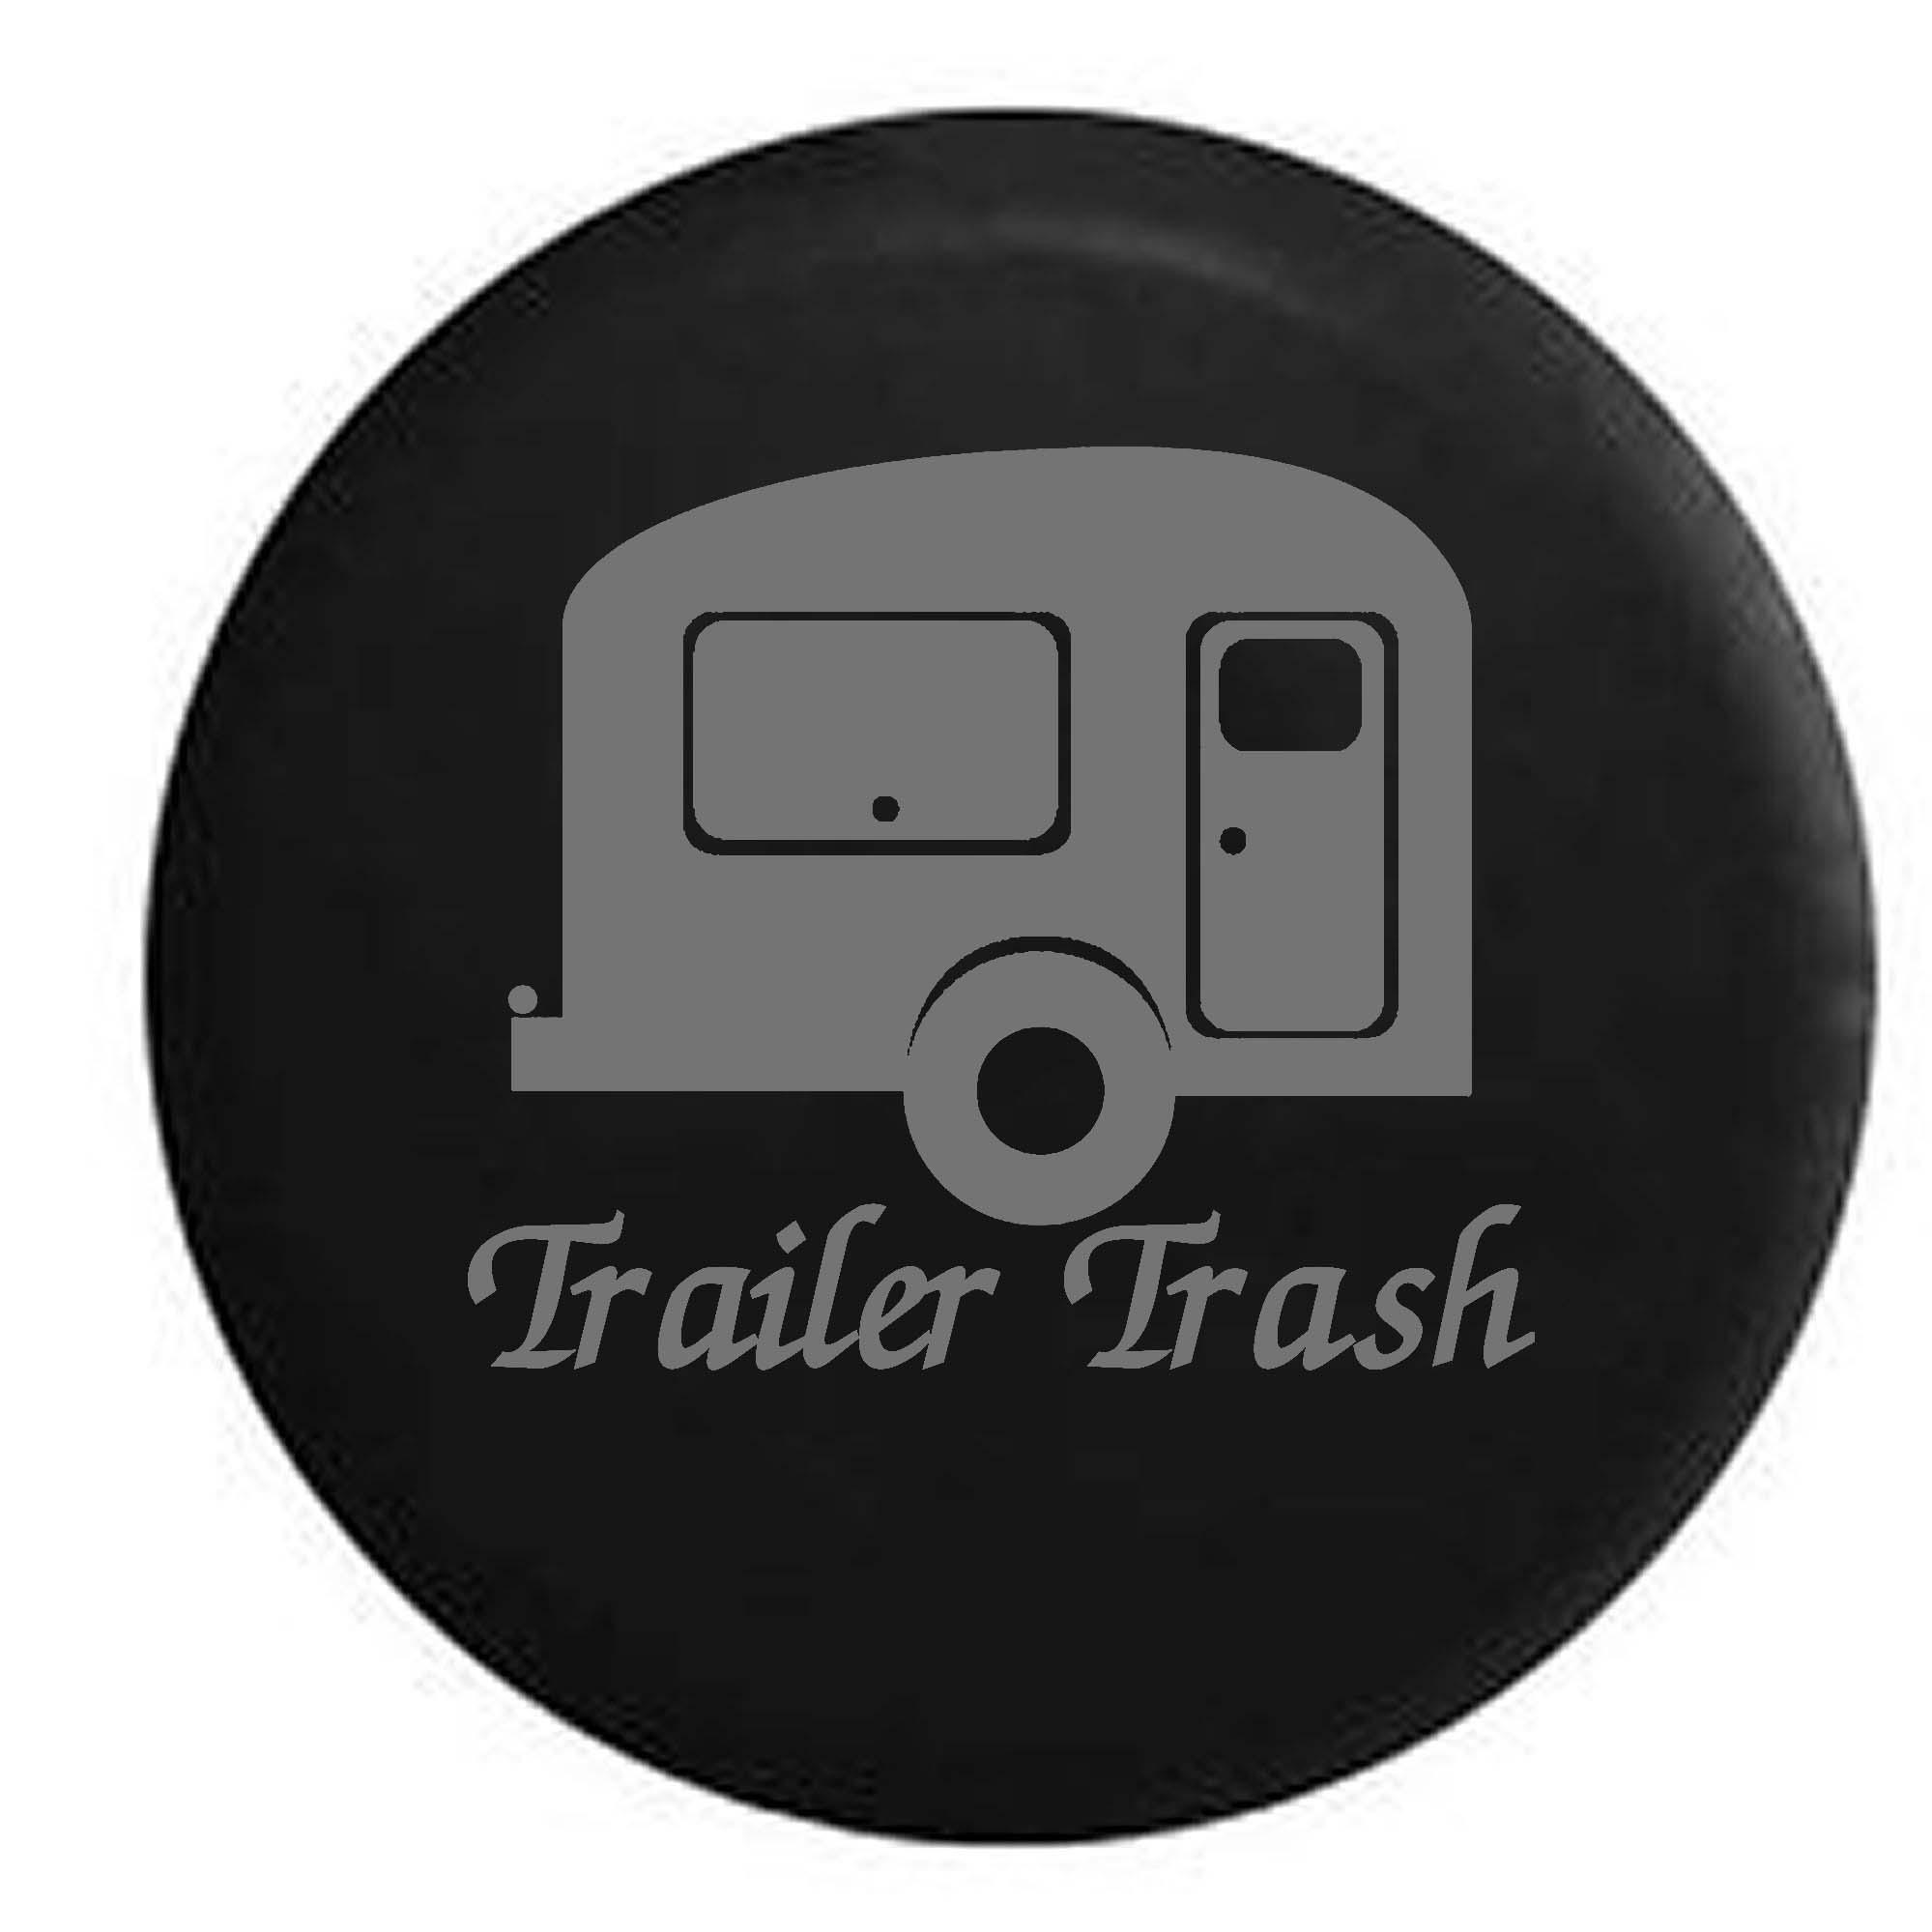 Trash Travel Camper RV Trailer Spare Tire Cover Vinyl Black 27.5 in